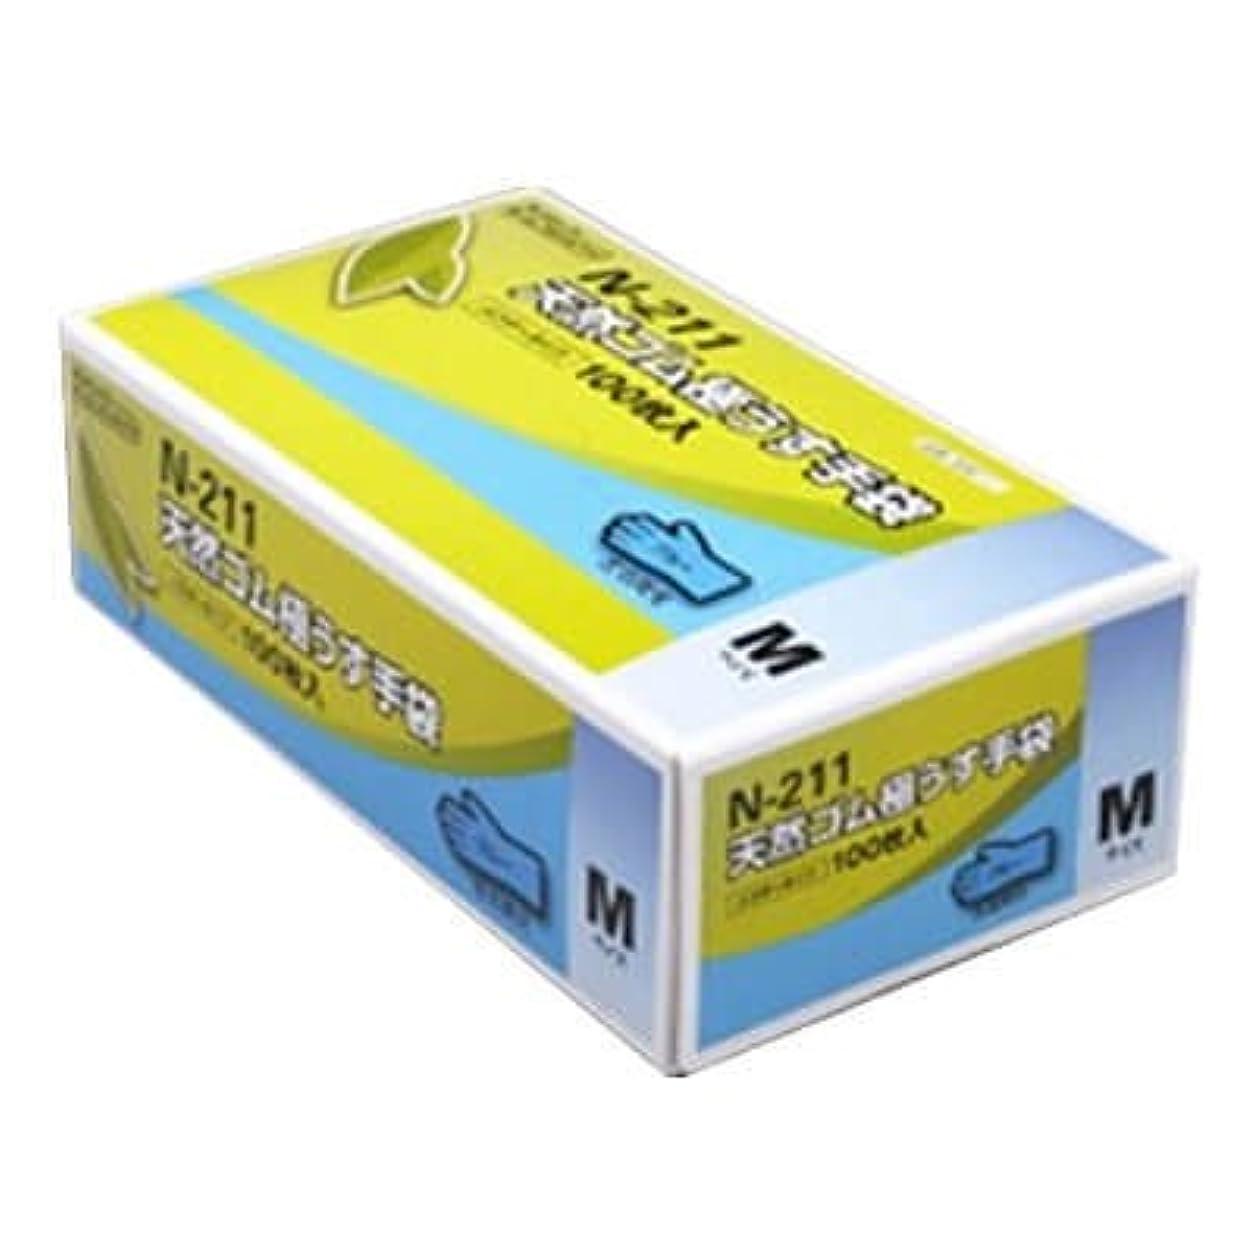 ウール旋回うっかり【ケース販売】 ダンロップ 天然ゴム極うす手袋 N-211 M ブルー (100枚入×20箱)